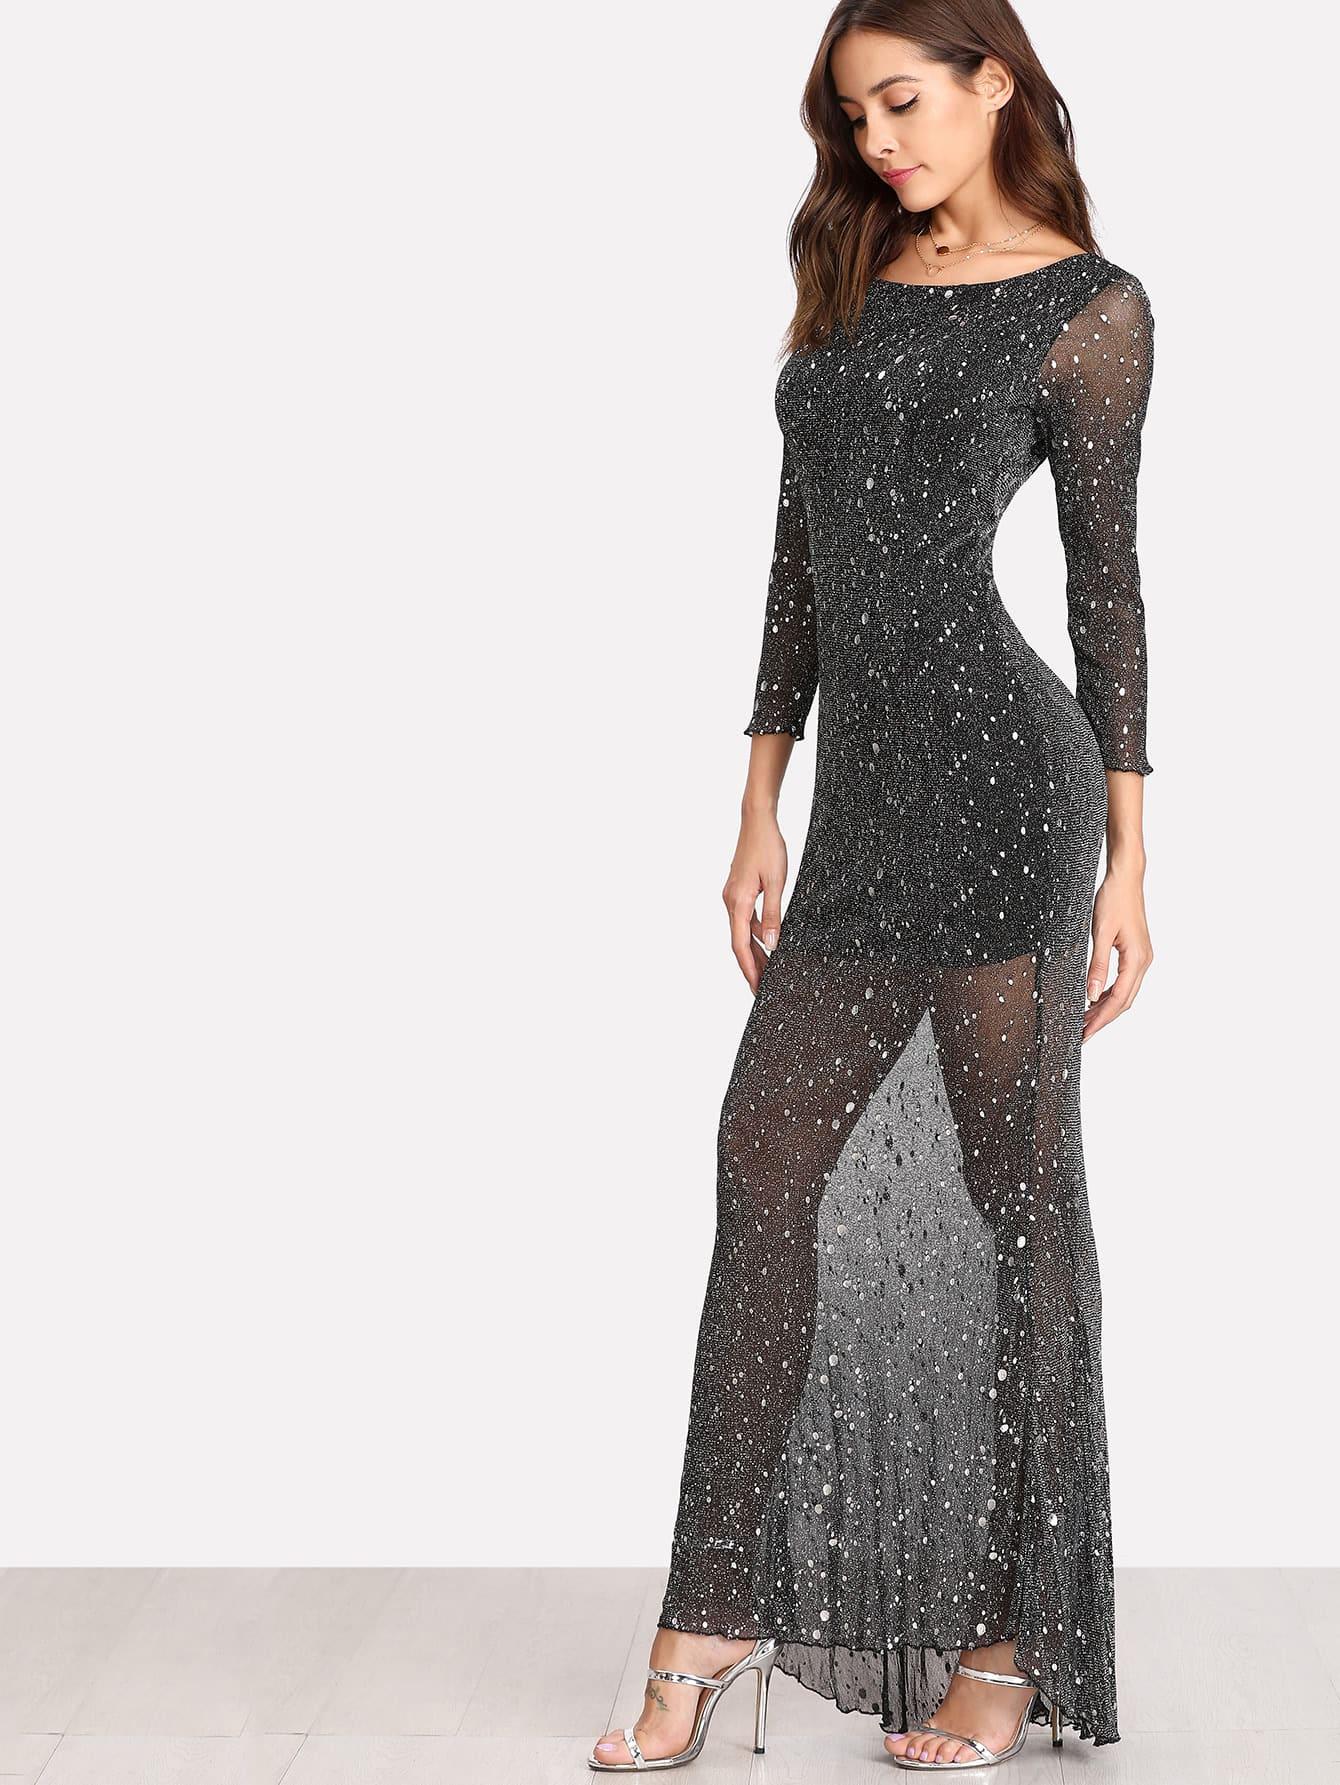 Купить Модное сетчатое платье с открытой спиной, Giulia, SheIn